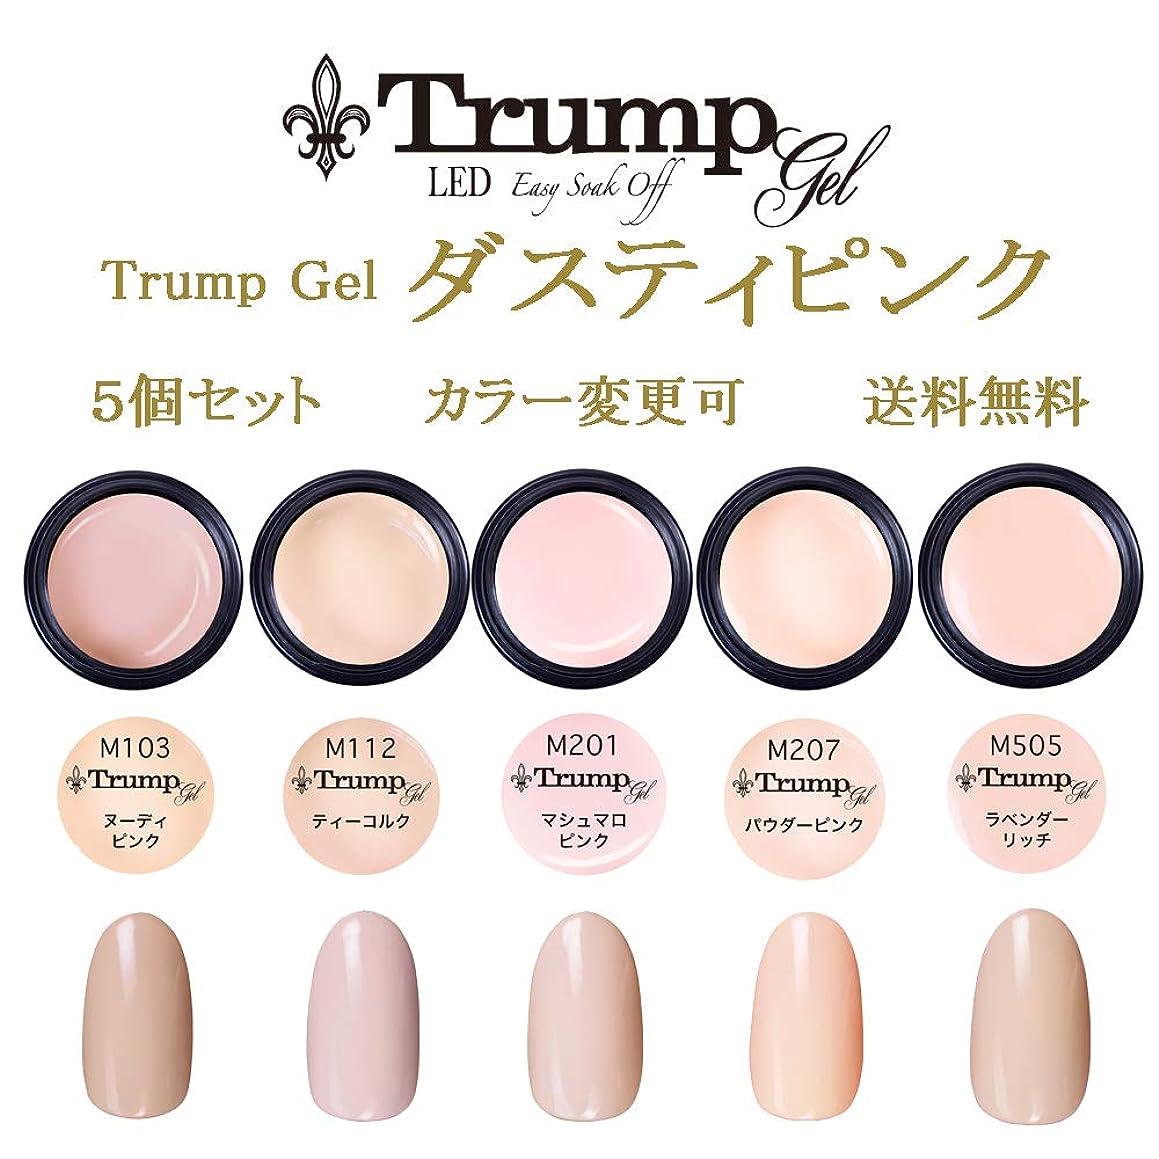 追い出すクローン引退した【送料無料】Trumpダスティピンクカラー選べる カラージェル5個セット